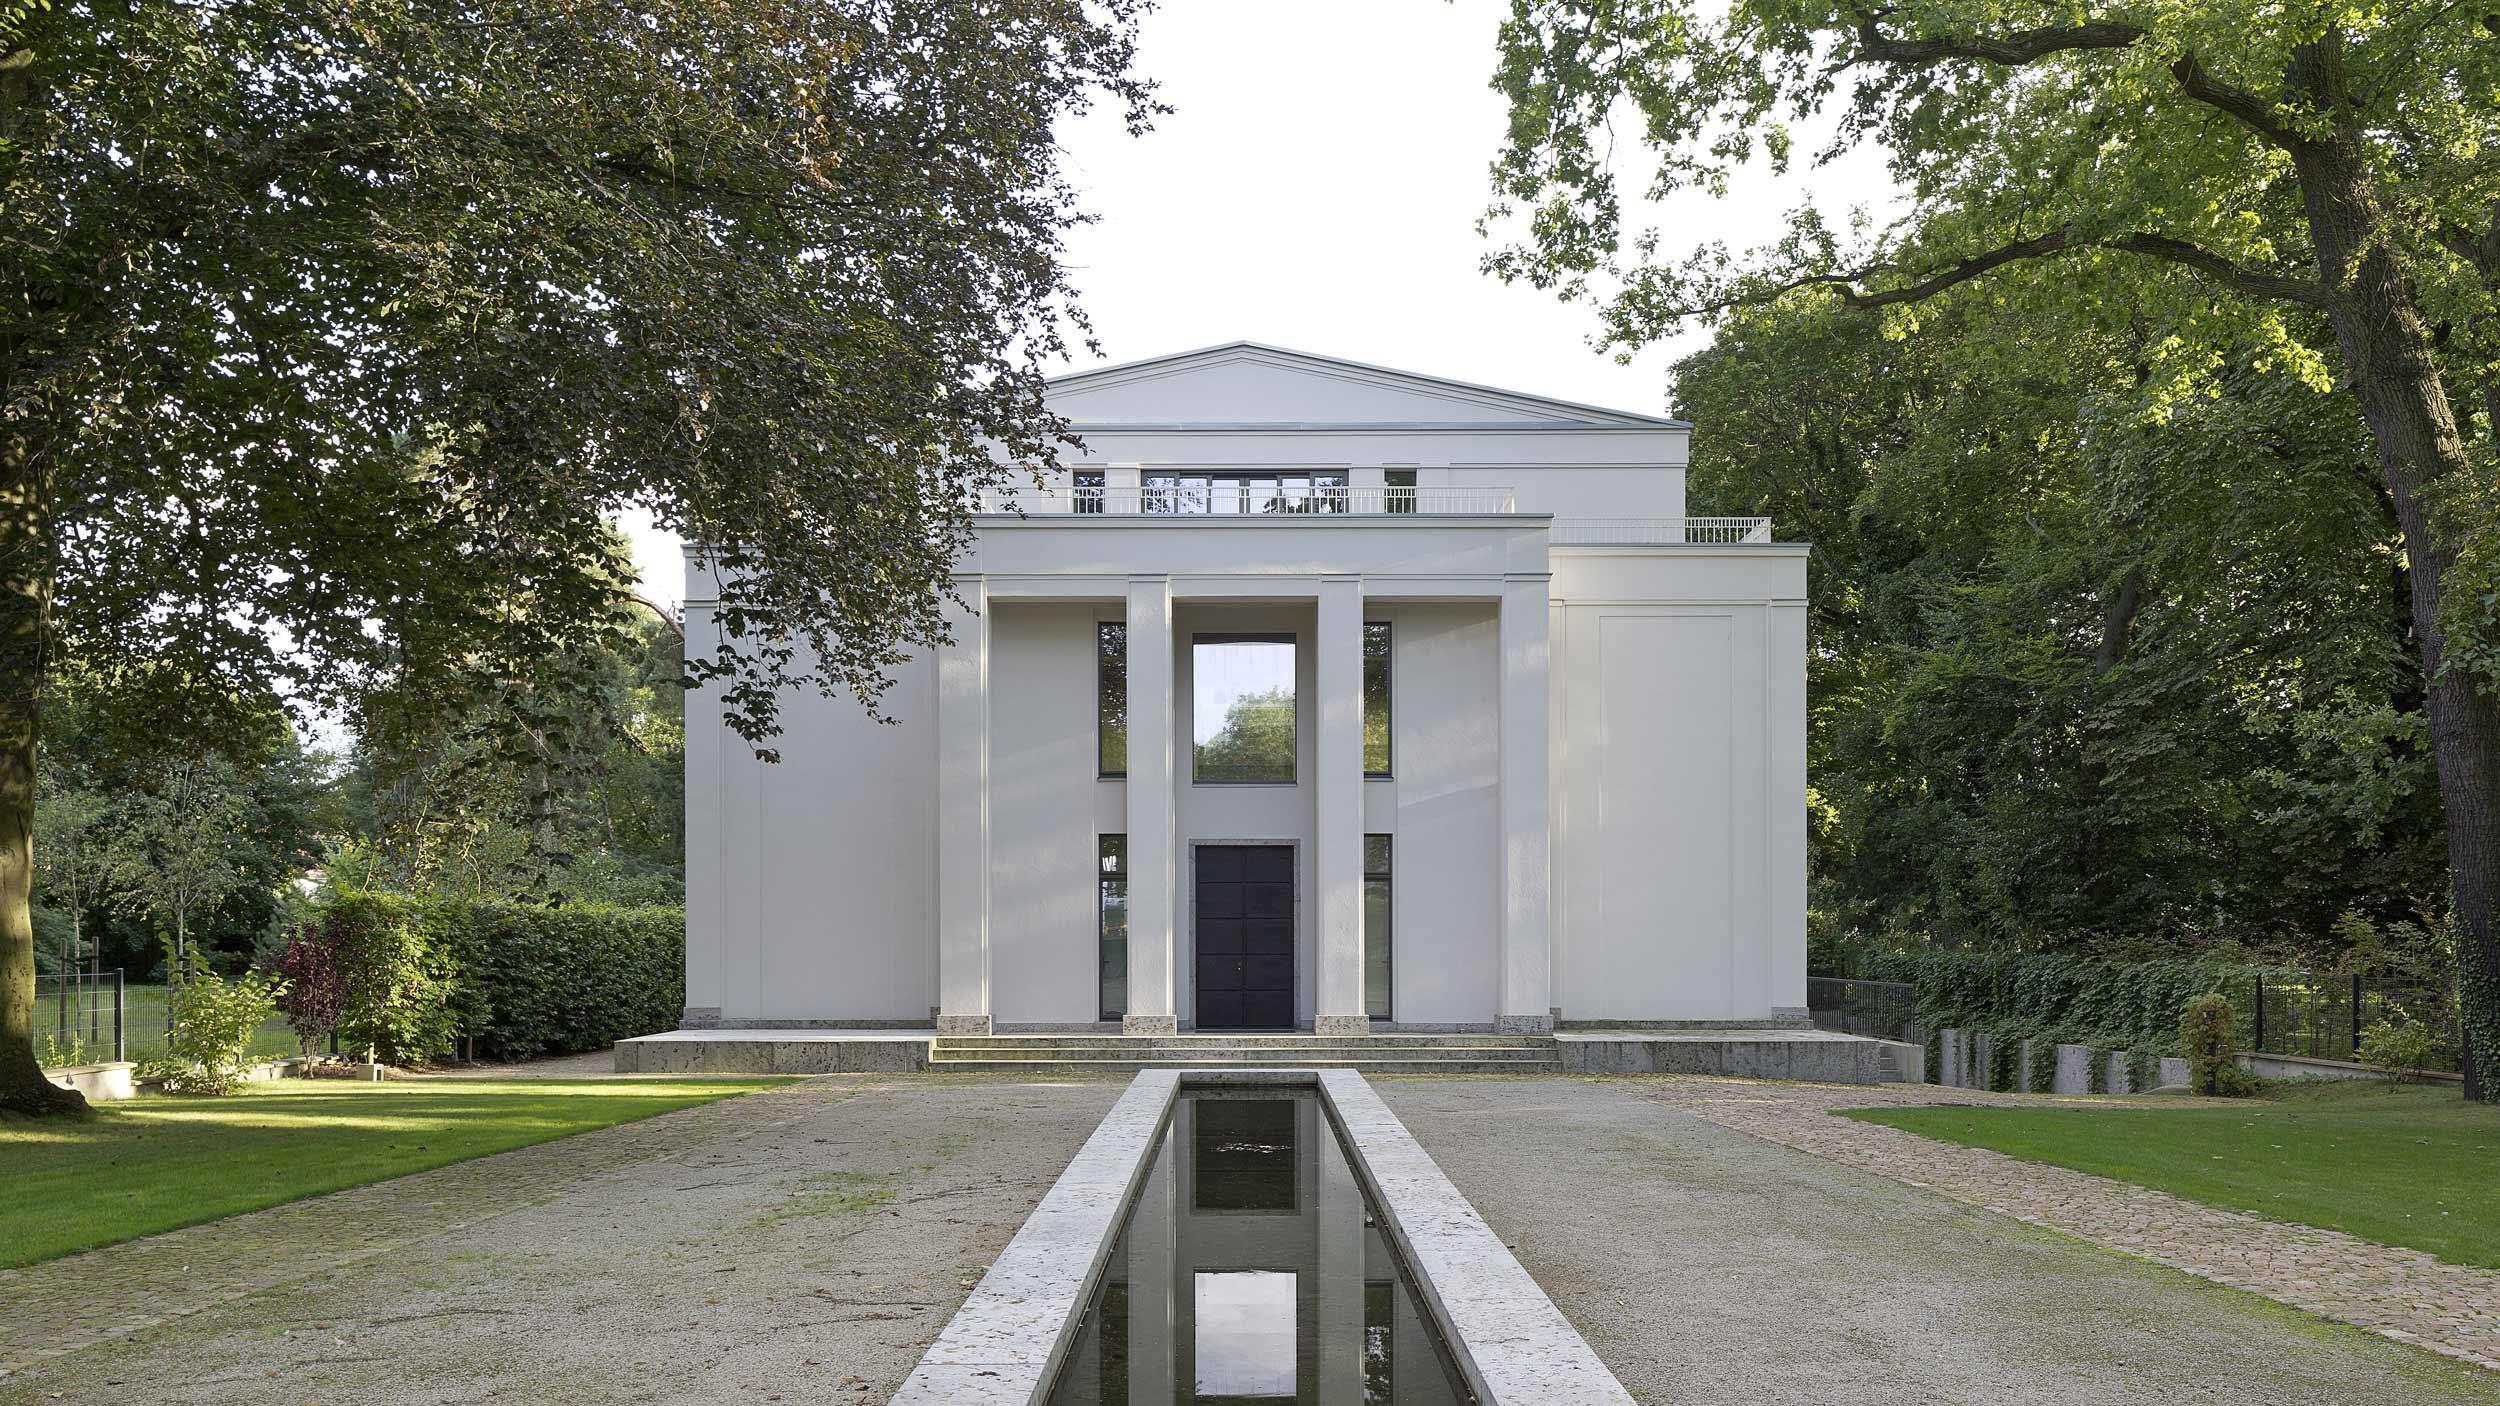 Neubau einer Villa im neoklassizistischen Stil - Die lange Vorfahrt und das Säulenportal der Eingangsfassade erinnern an Villen von Palladio.